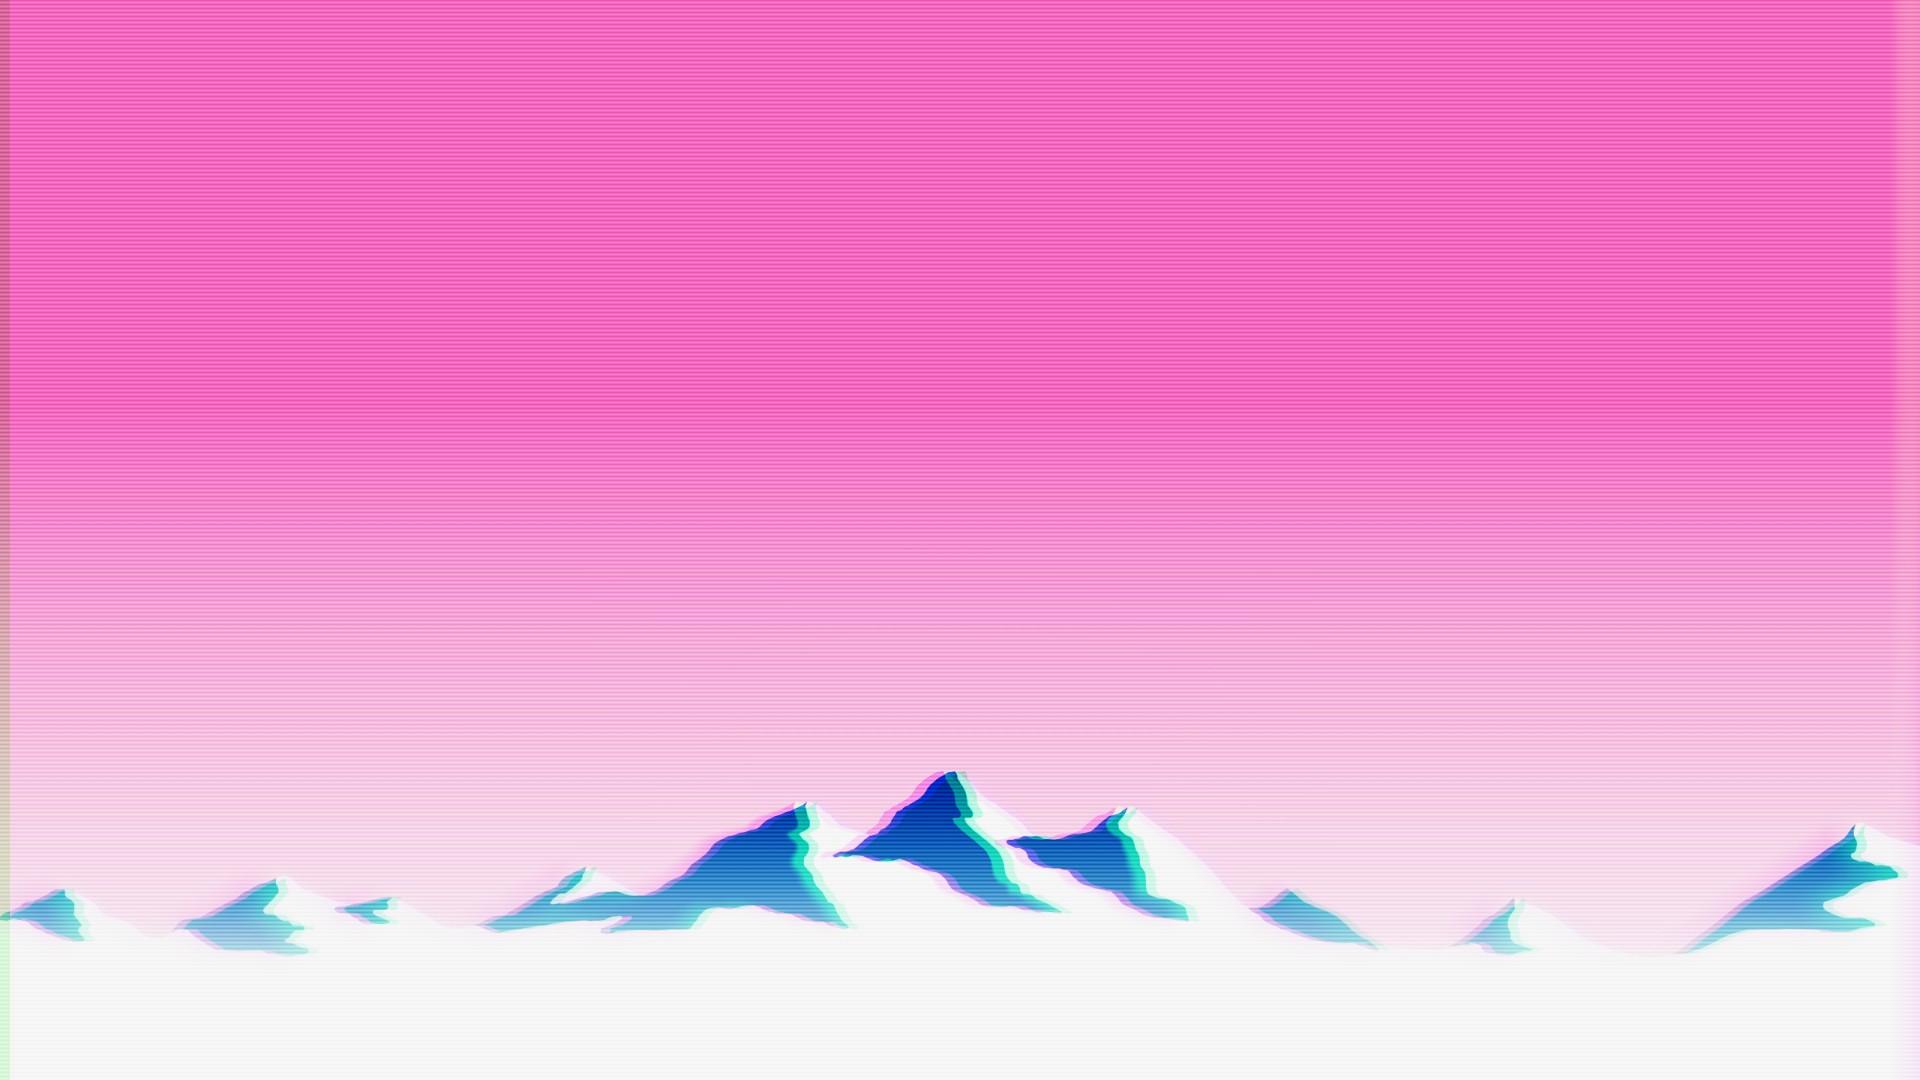 wallpaper landscape mountains glitch art text vaporwave color